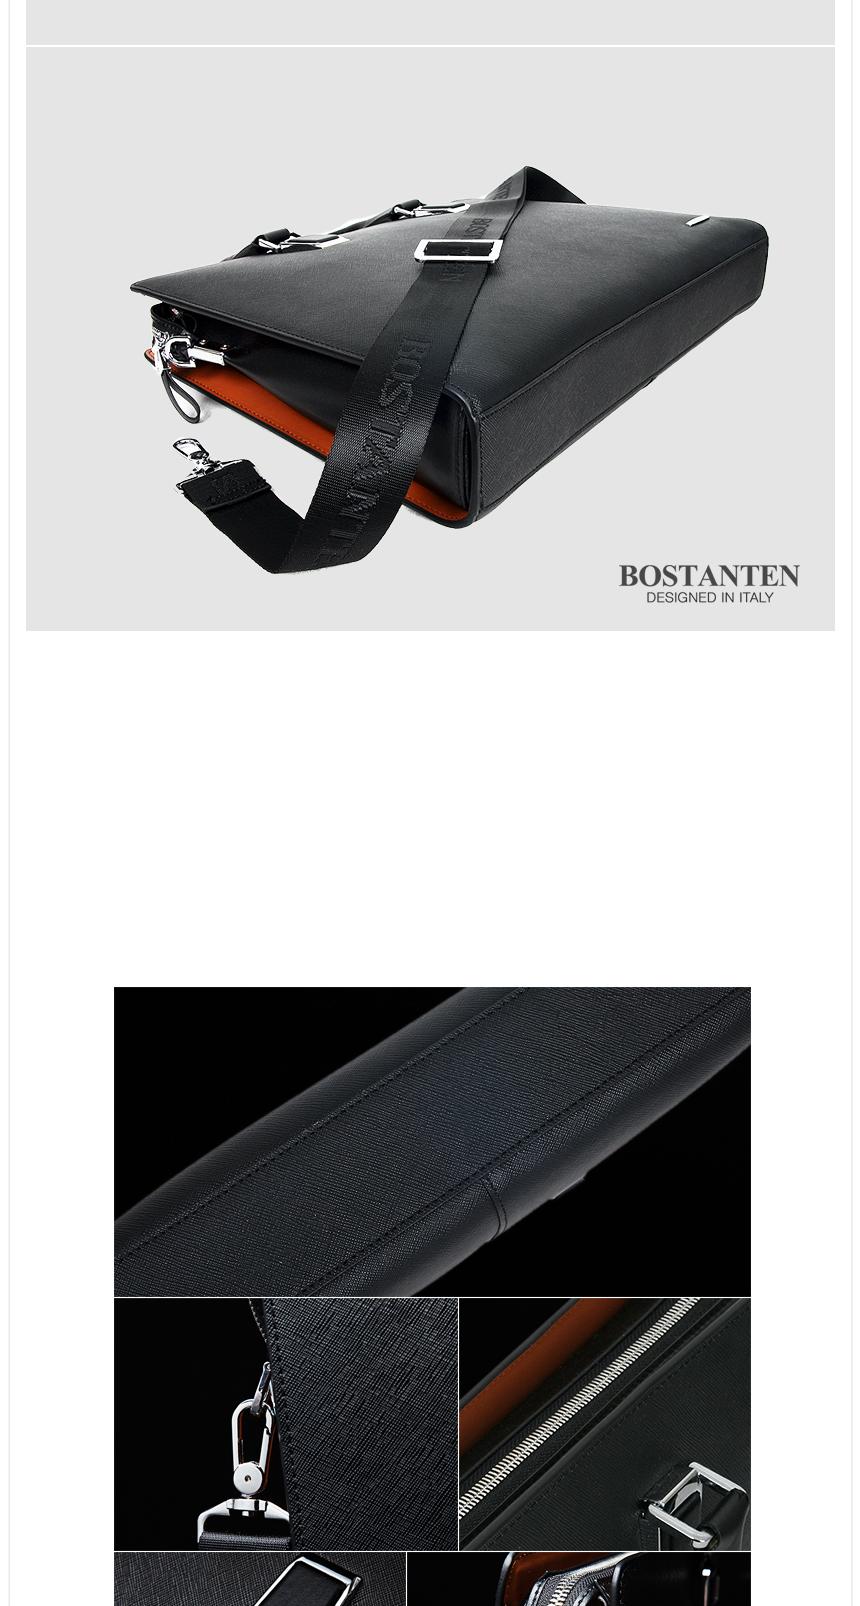 보스탄틴(BOSTANTEN) 천연소가죽 남성 서류가방 B12163